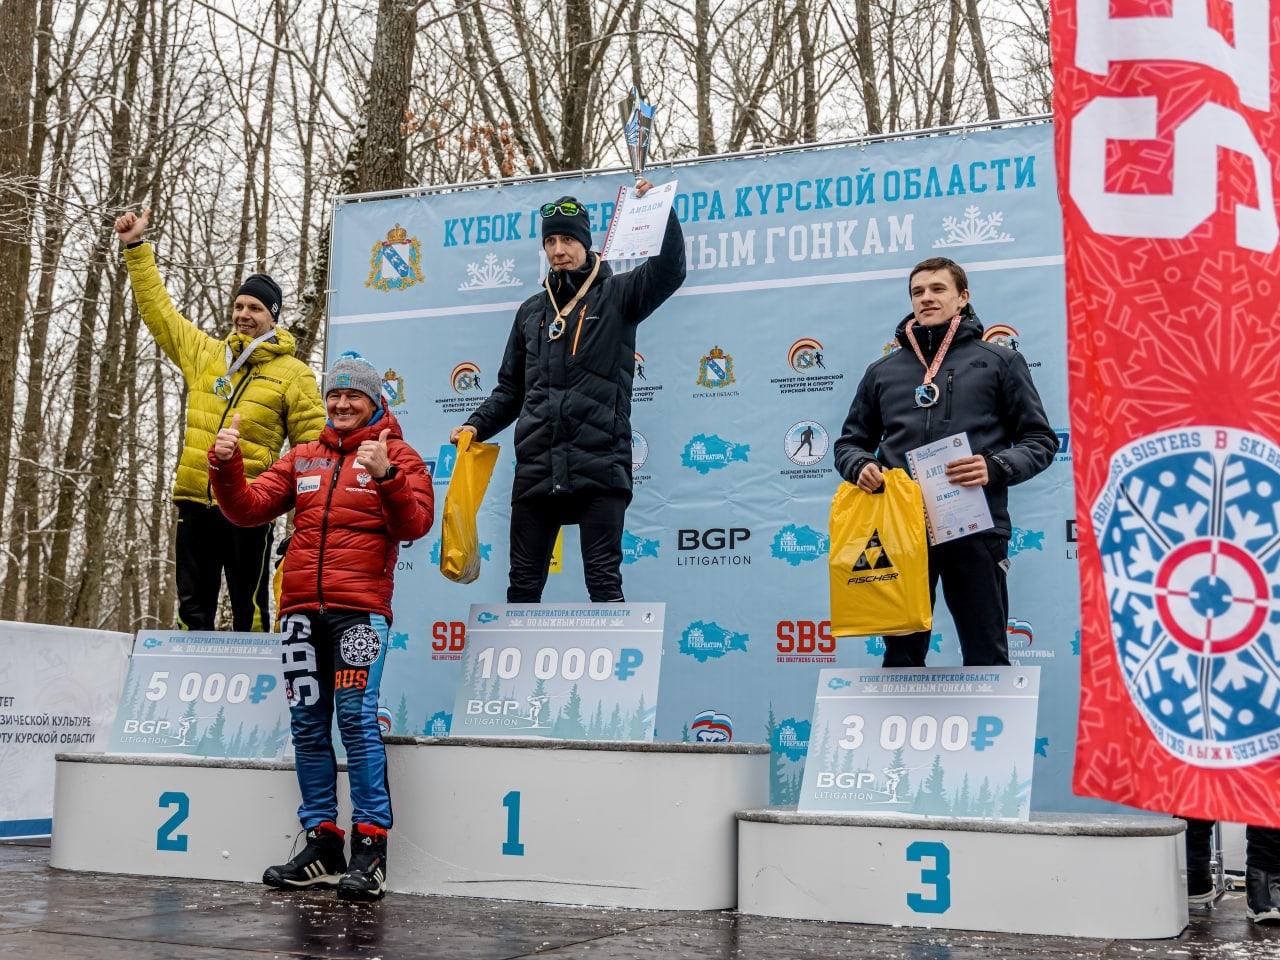 🏆 Звёзды российского спорта вчера катались в Мокве. Там состоялся Кубок Губернат...